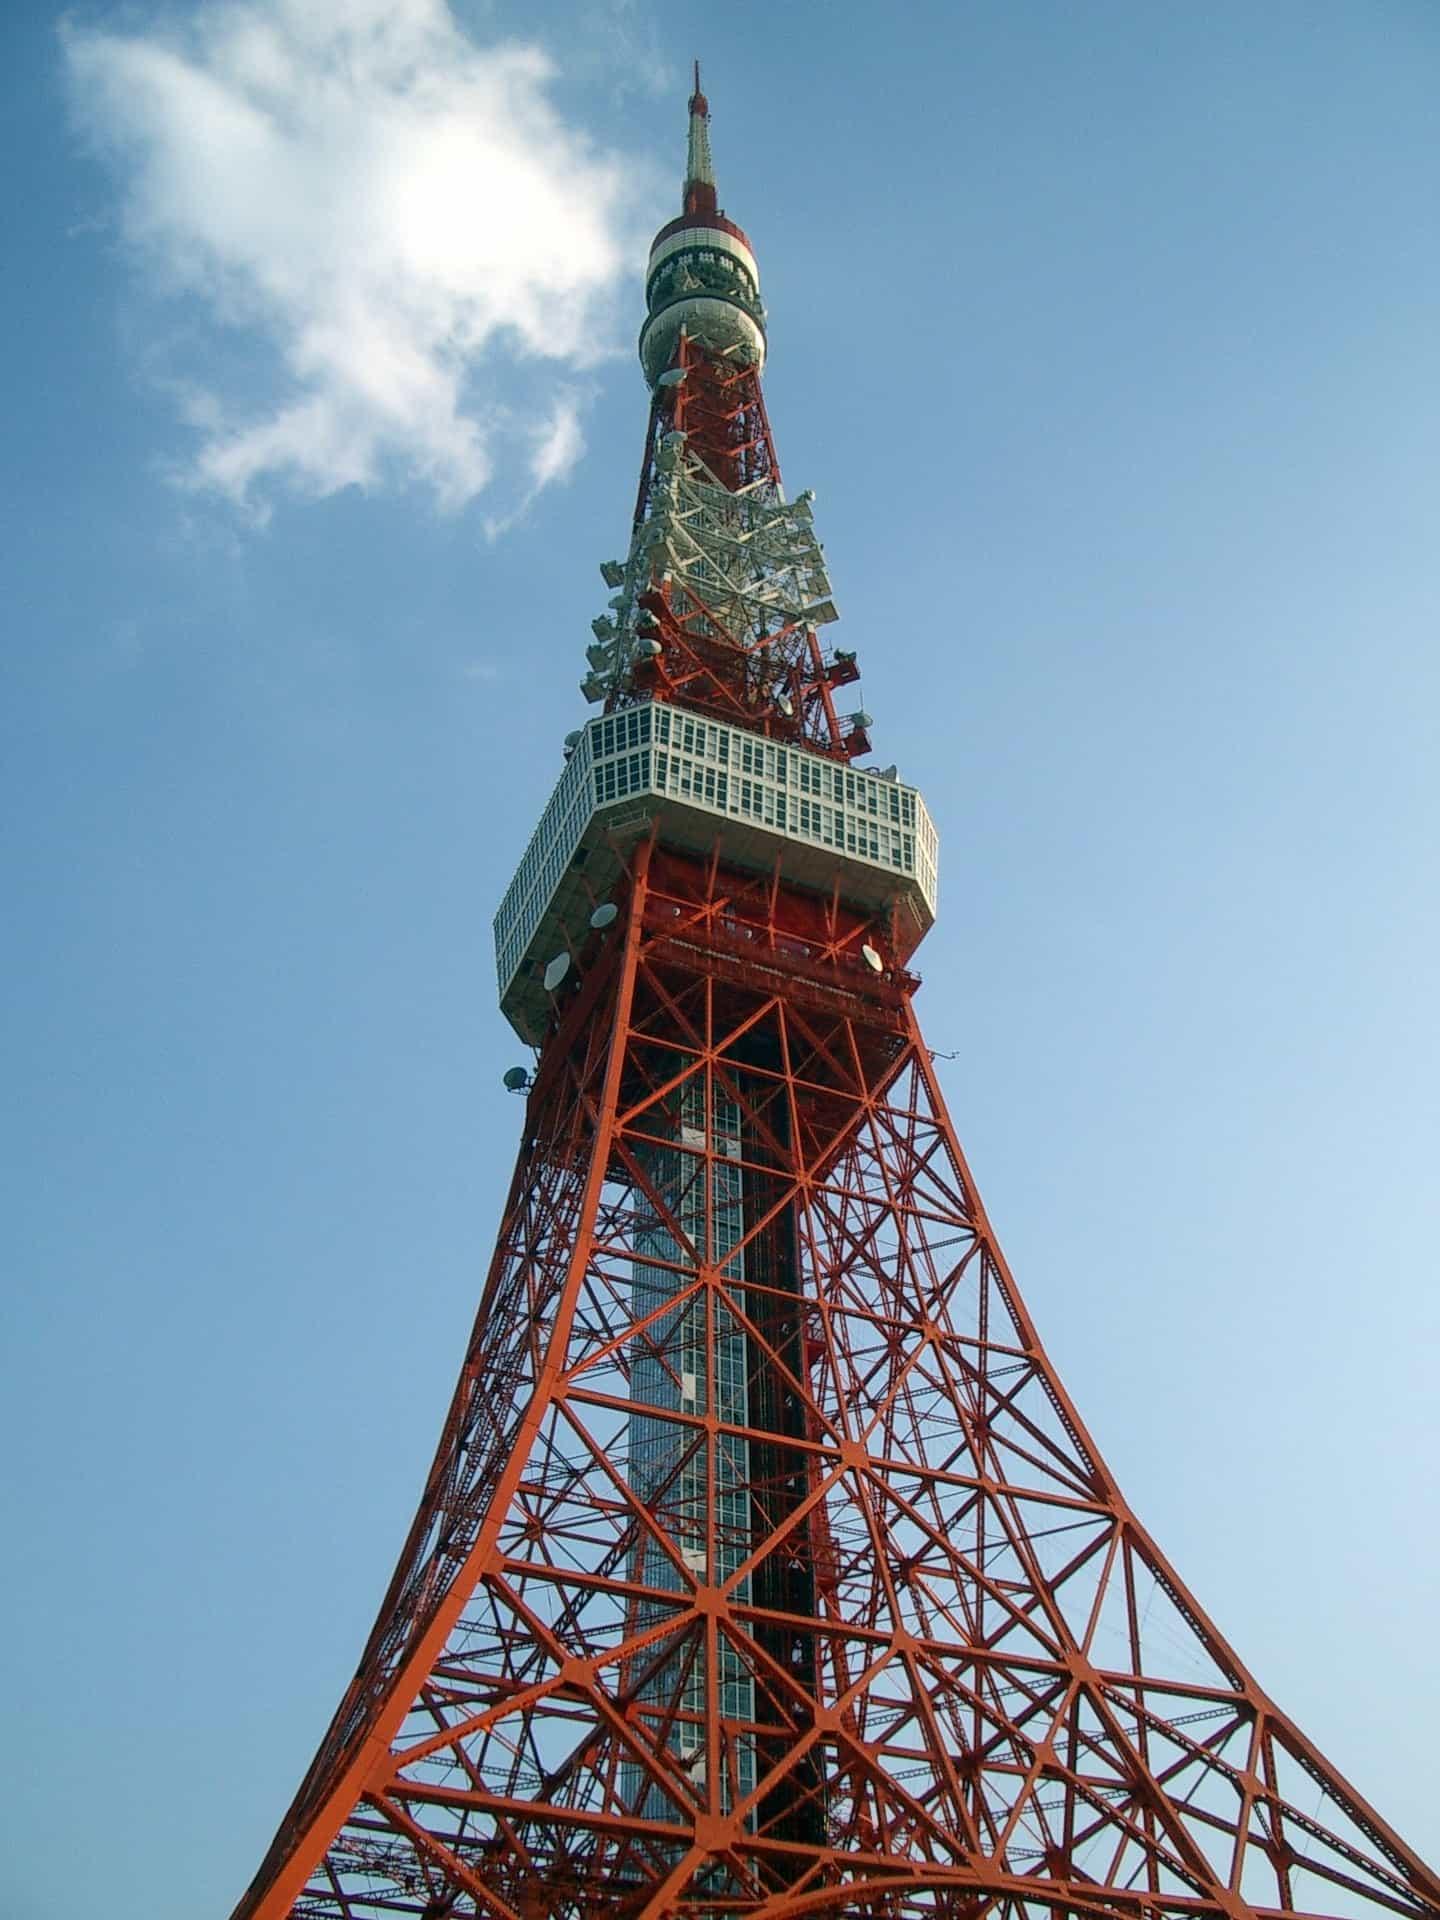 10 ทาวเวอร์ในญี่ปุ่น : Tokyo Tower (東京タワー)